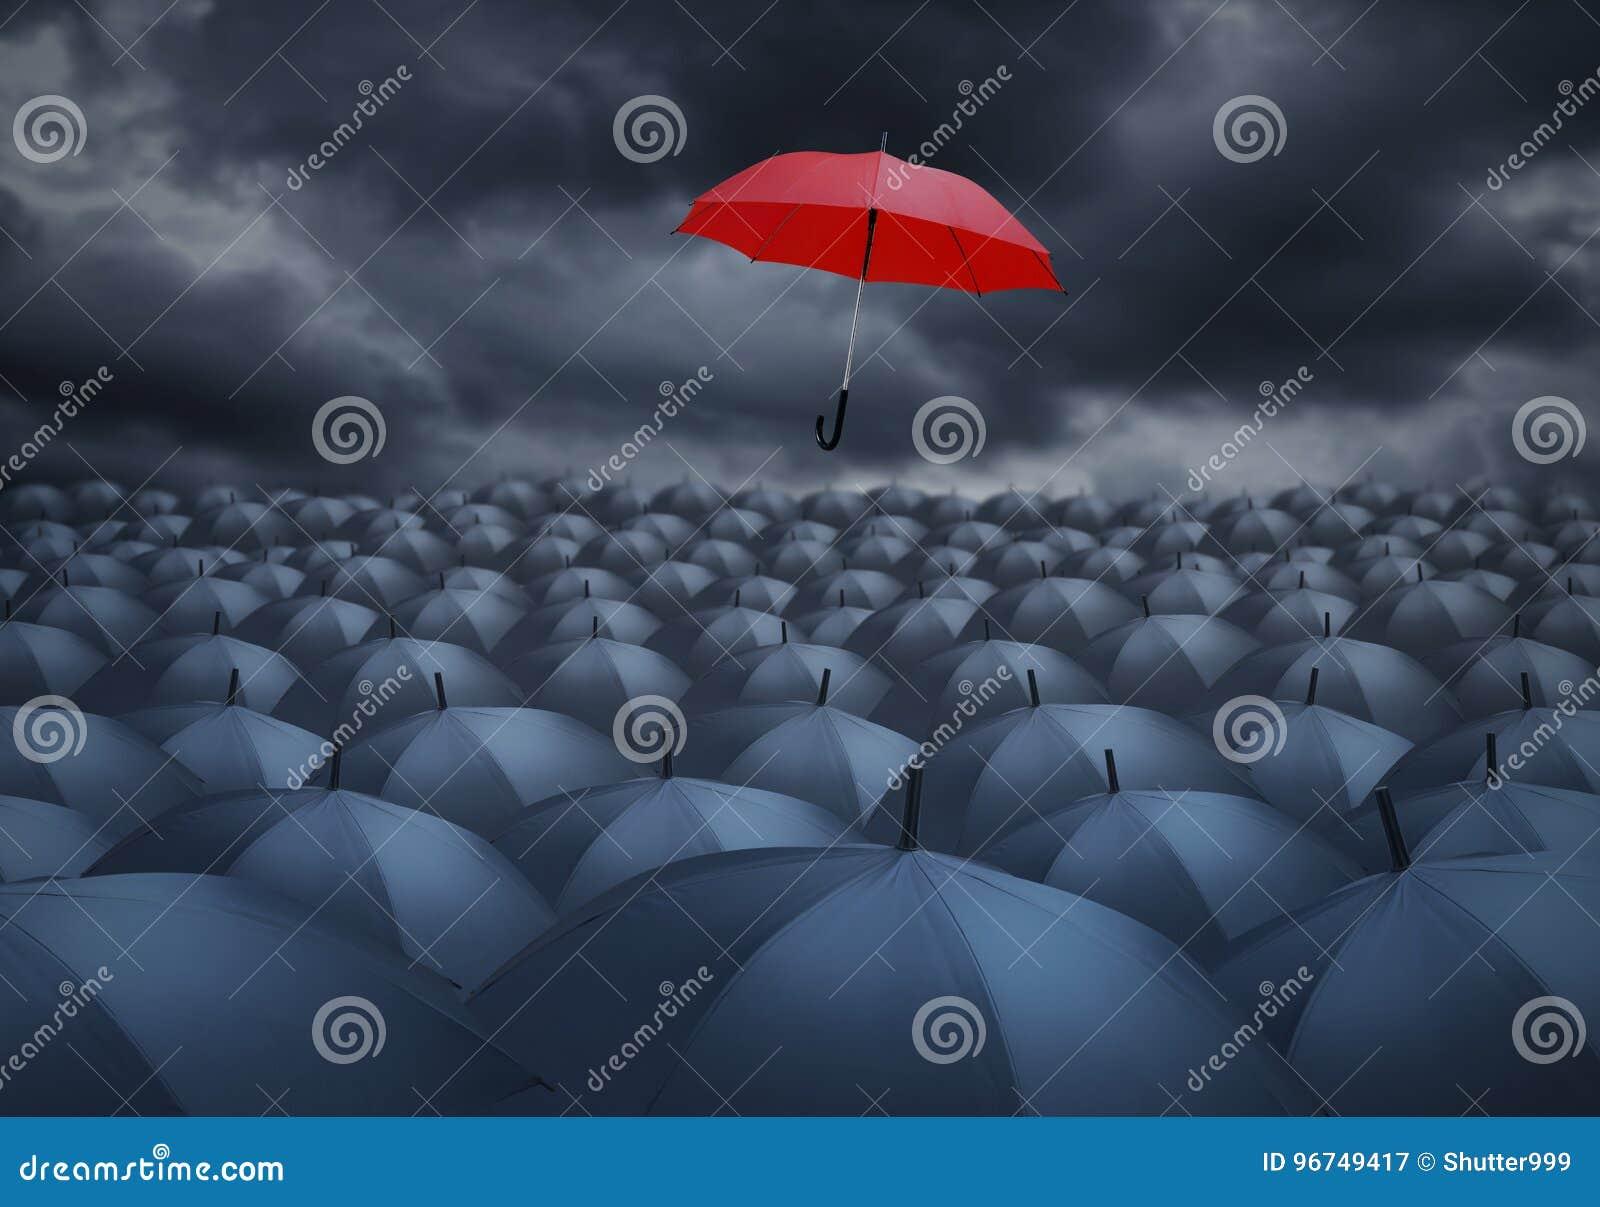 Rode paraplu opmerkelijk van anderen